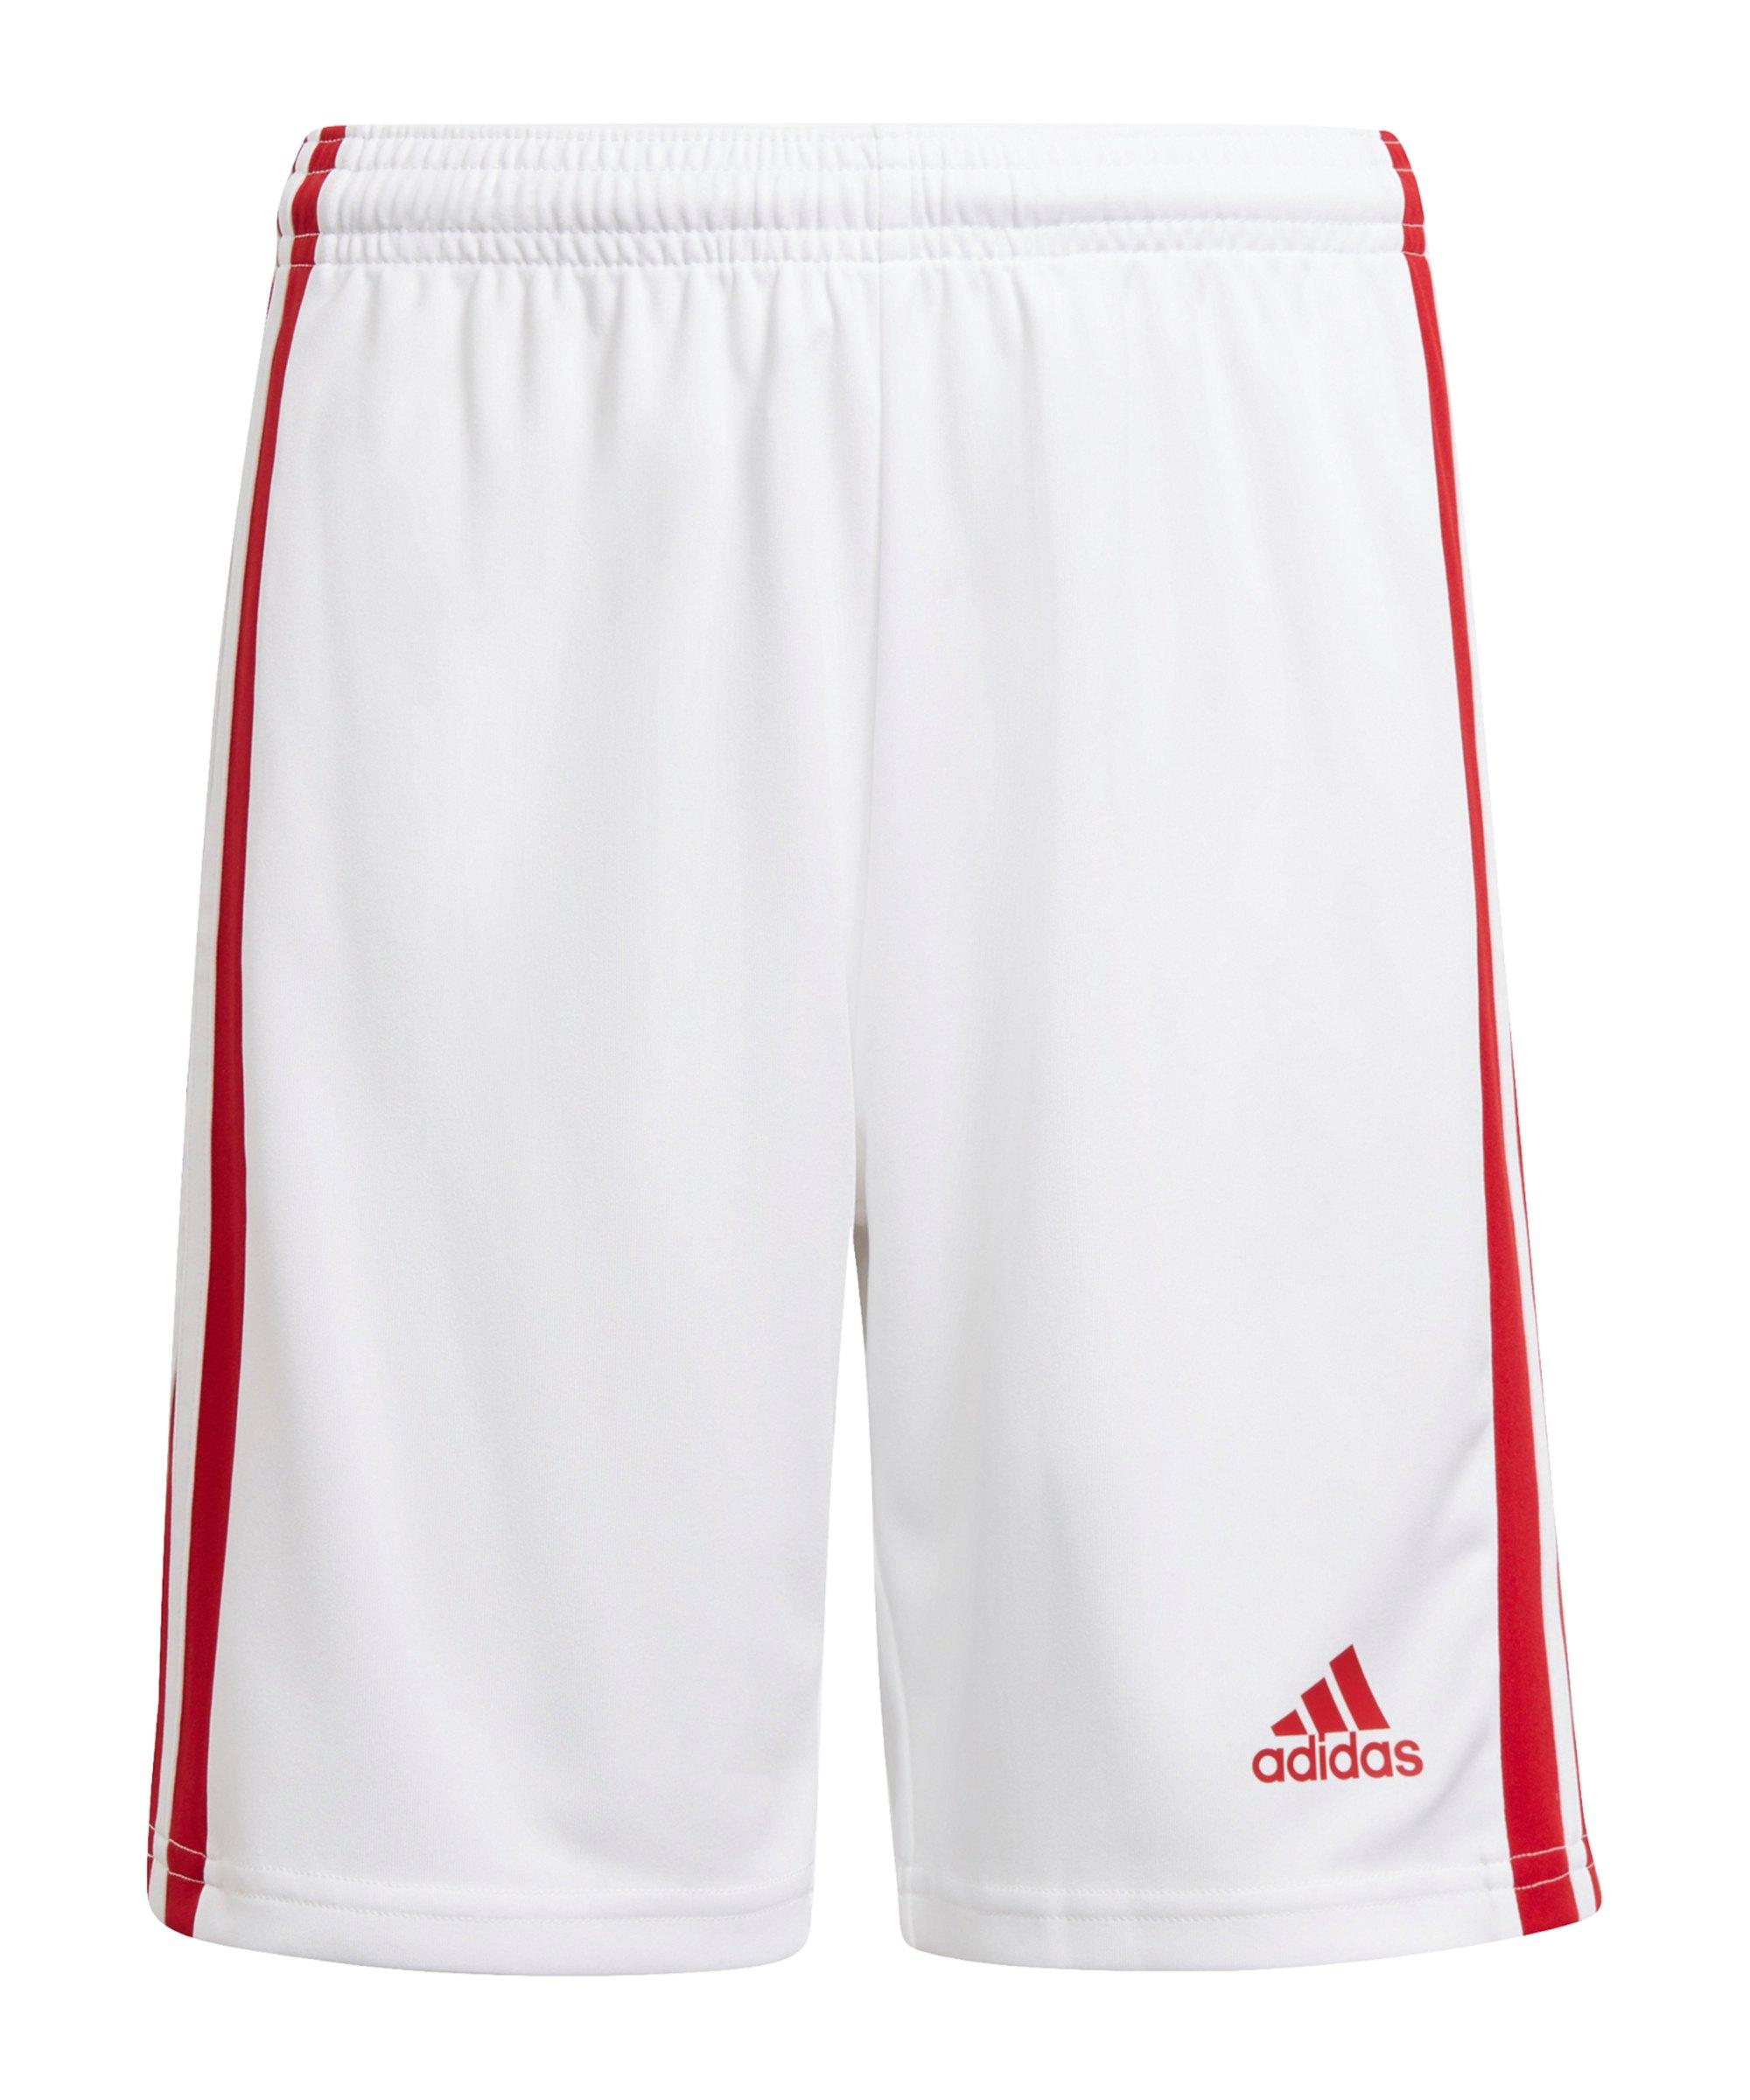 adidas Squadra 21 Short Kids Weiss Rot - weiss